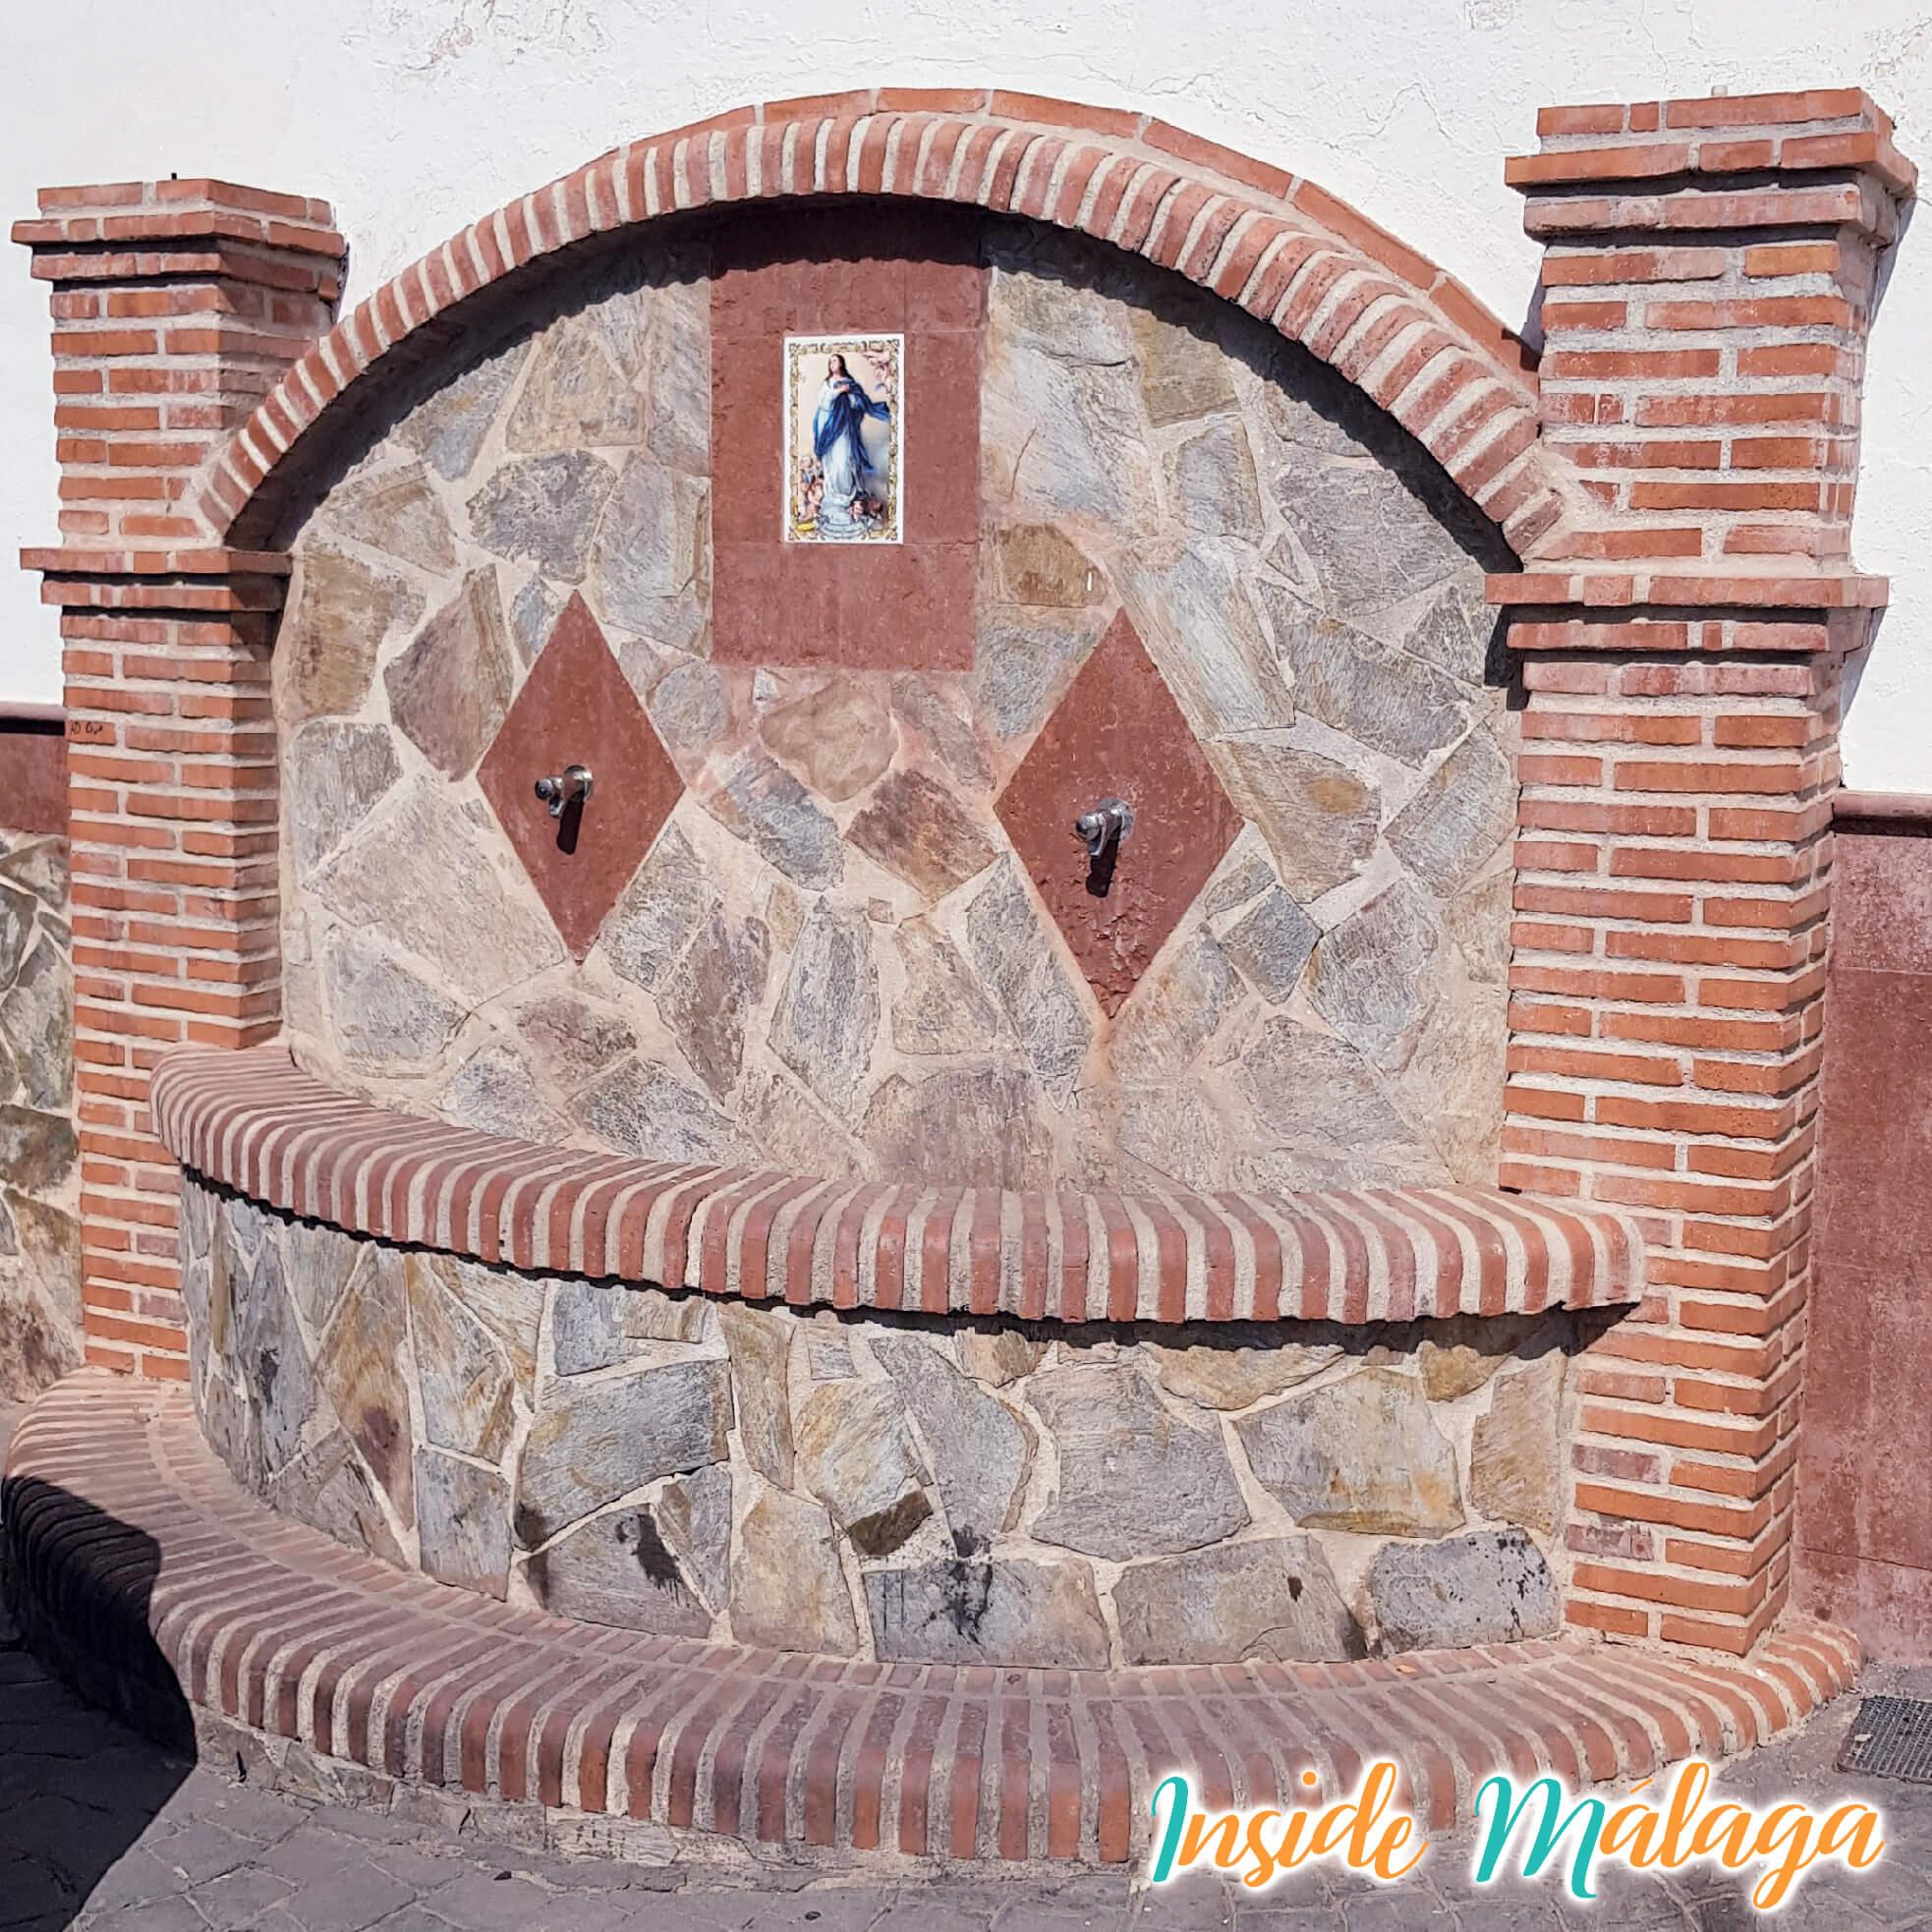 Fuente Iglesia Guaro Malaga